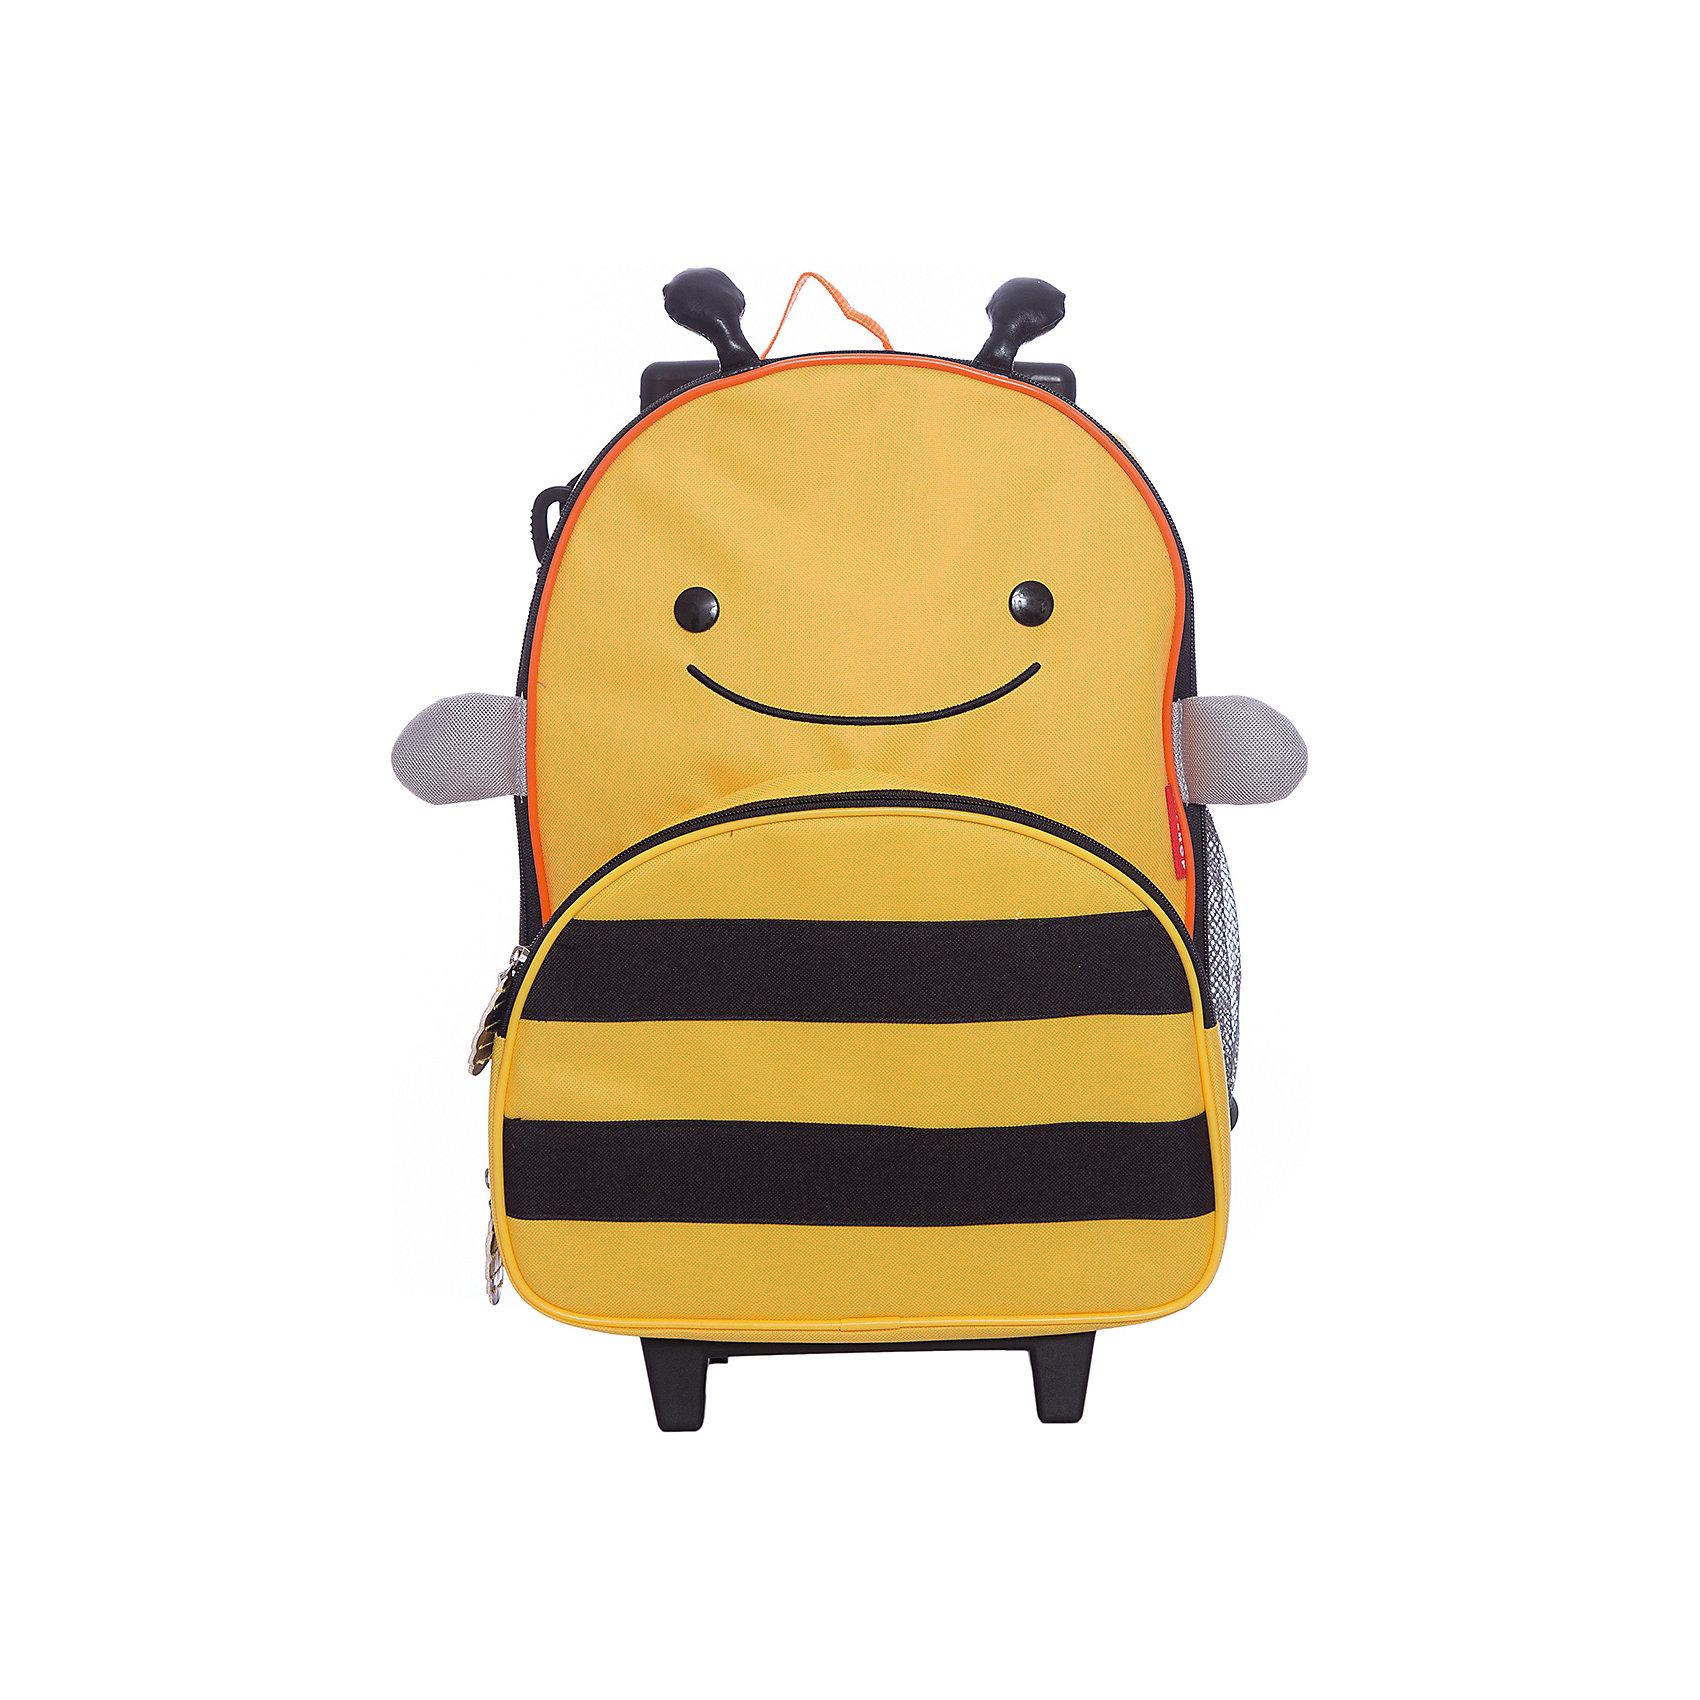 Чемодан детский Пчела, Skip HopДорожные сумки и чемоданы<br>• Вместительный основной отсек <br>• Выдвижная ручка<br>• Чемодан на колесиках<br>• Боковой кармашек для бутылочки<br>• Передний кармашек на молнии<br>• Съемный регулируемый плечевой ремень для родителей<br>• Легко очищается и стирается<br>• Не содержат BPA (Бисфенол А), Phthalate (Фталат)<br><br>Ширина мм: 330<br>Глубина мм: 130<br>Высота мм: 460<br>Вес г: 1260<br>Возраст от месяцев: 36<br>Возраст до месяцев: 72<br>Пол: Унисекс<br>Возраст: Детский<br>SKU: 5608257